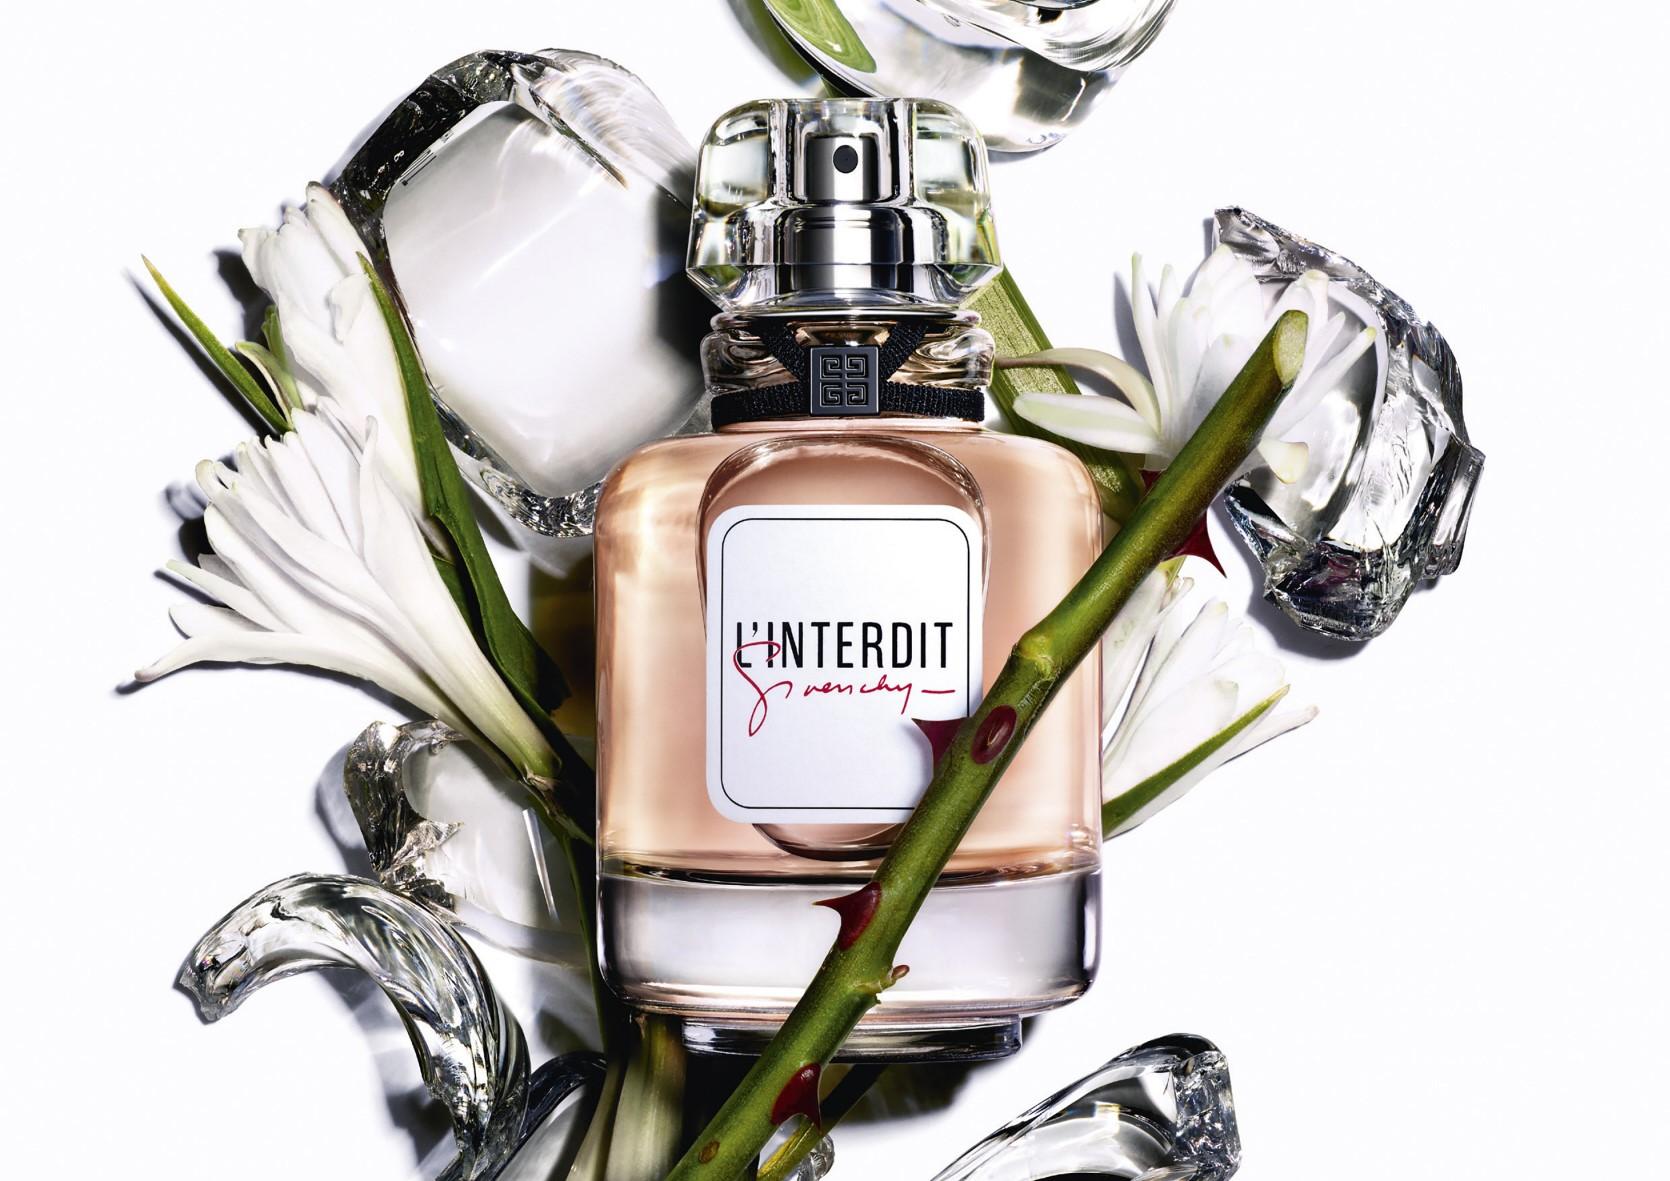 L'Interdit Édition Millésime Givenchy